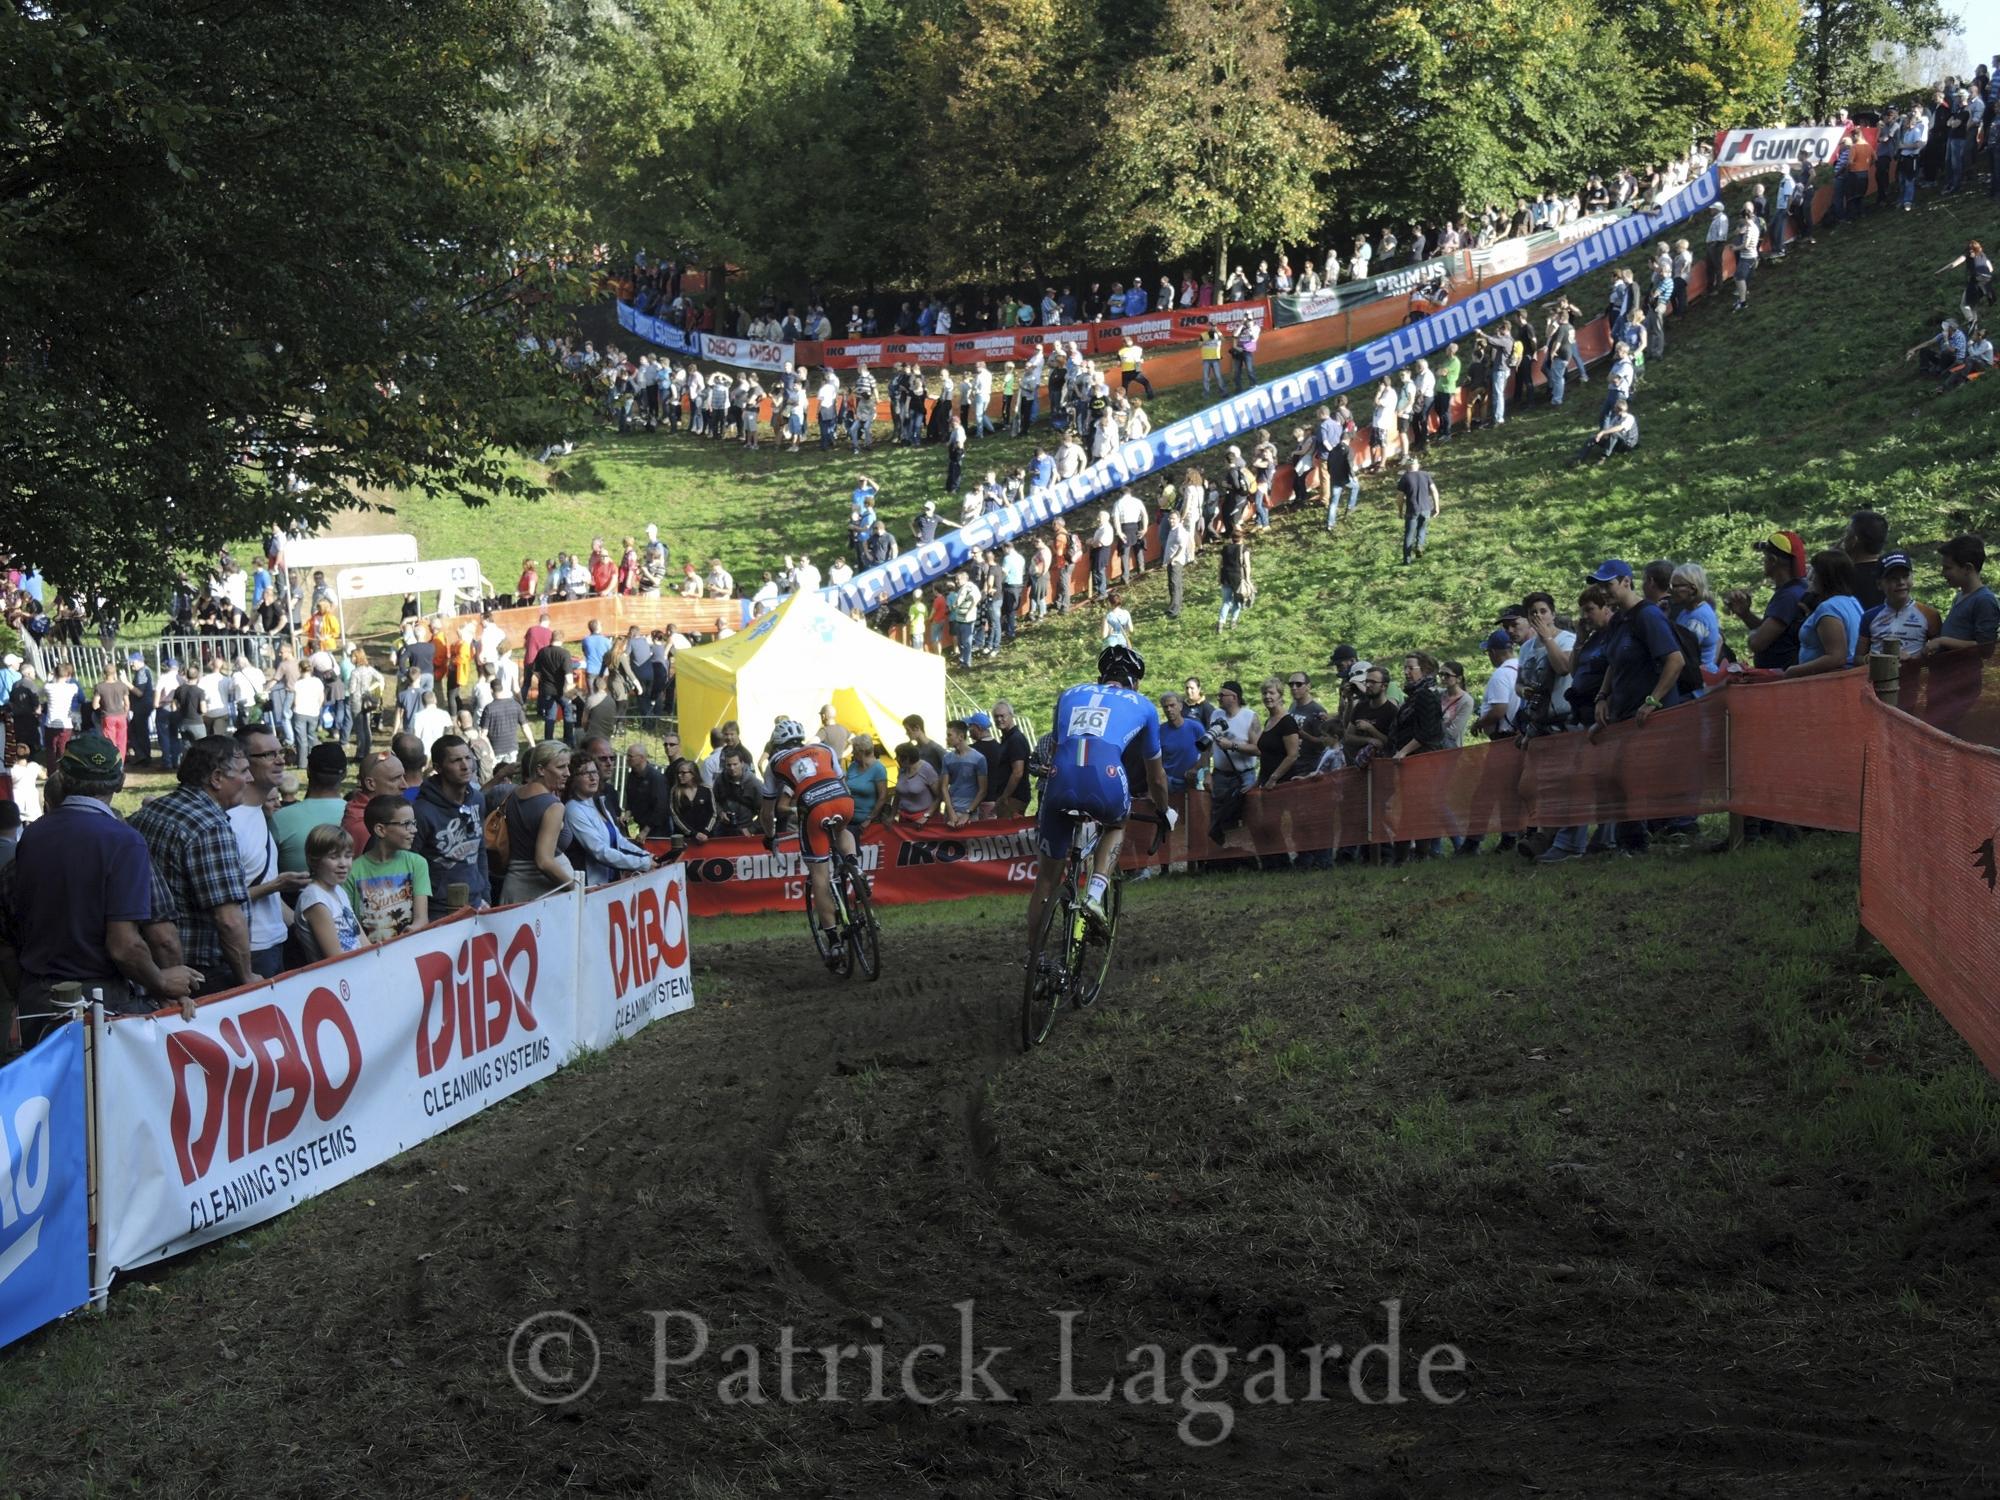 Flinke Europese tv-belangstelling voor EK cyclocross